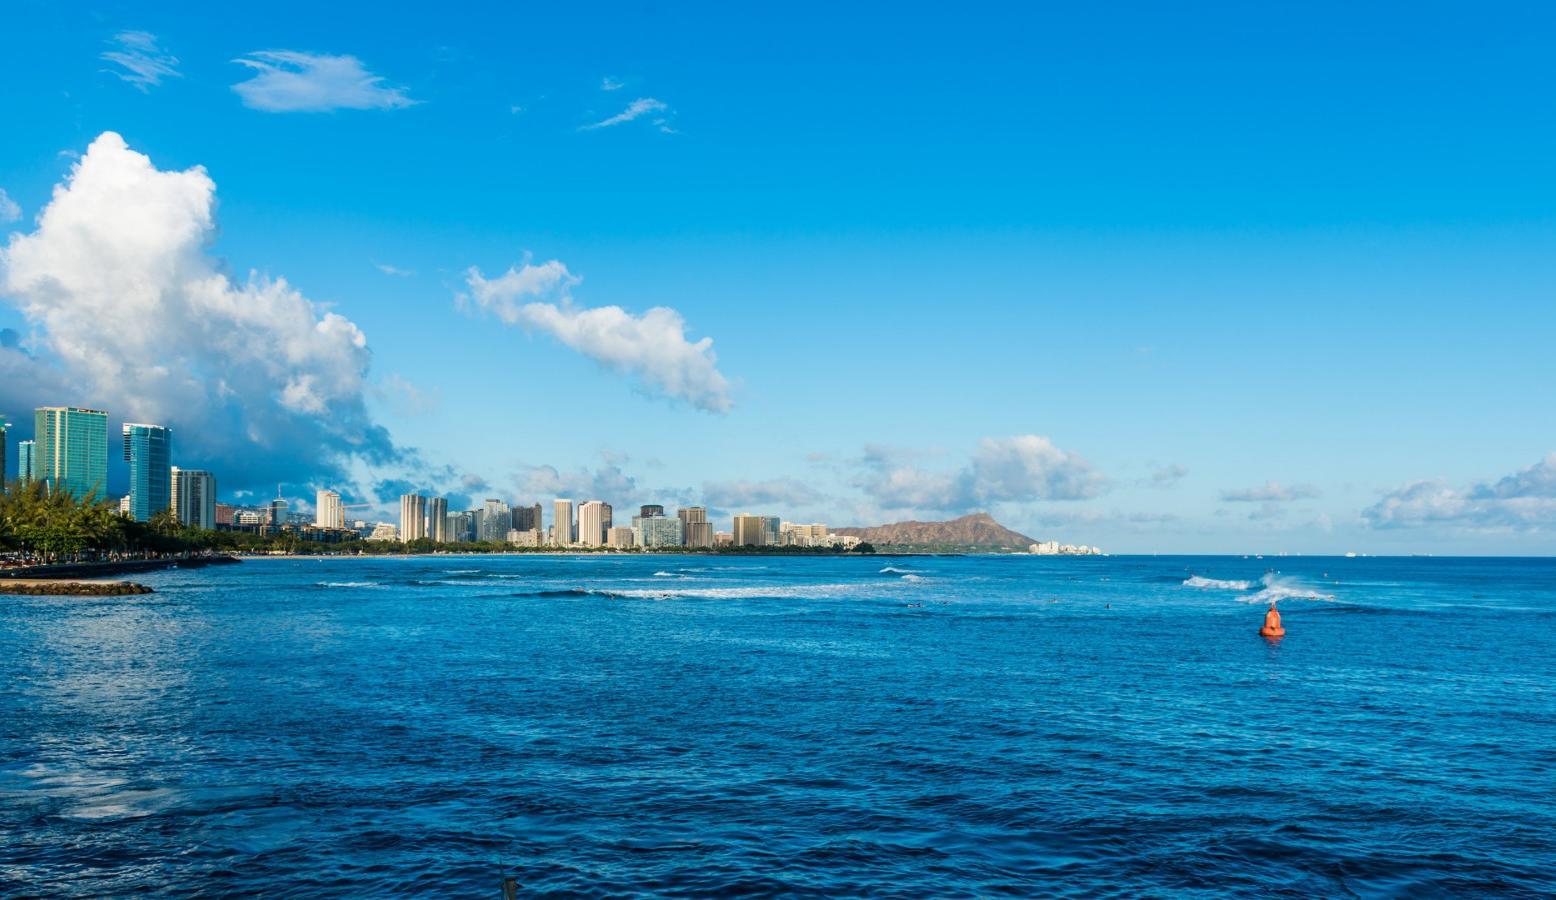 2019国际海岛旅游大会即将召开,开辟海岛旅游新名堂